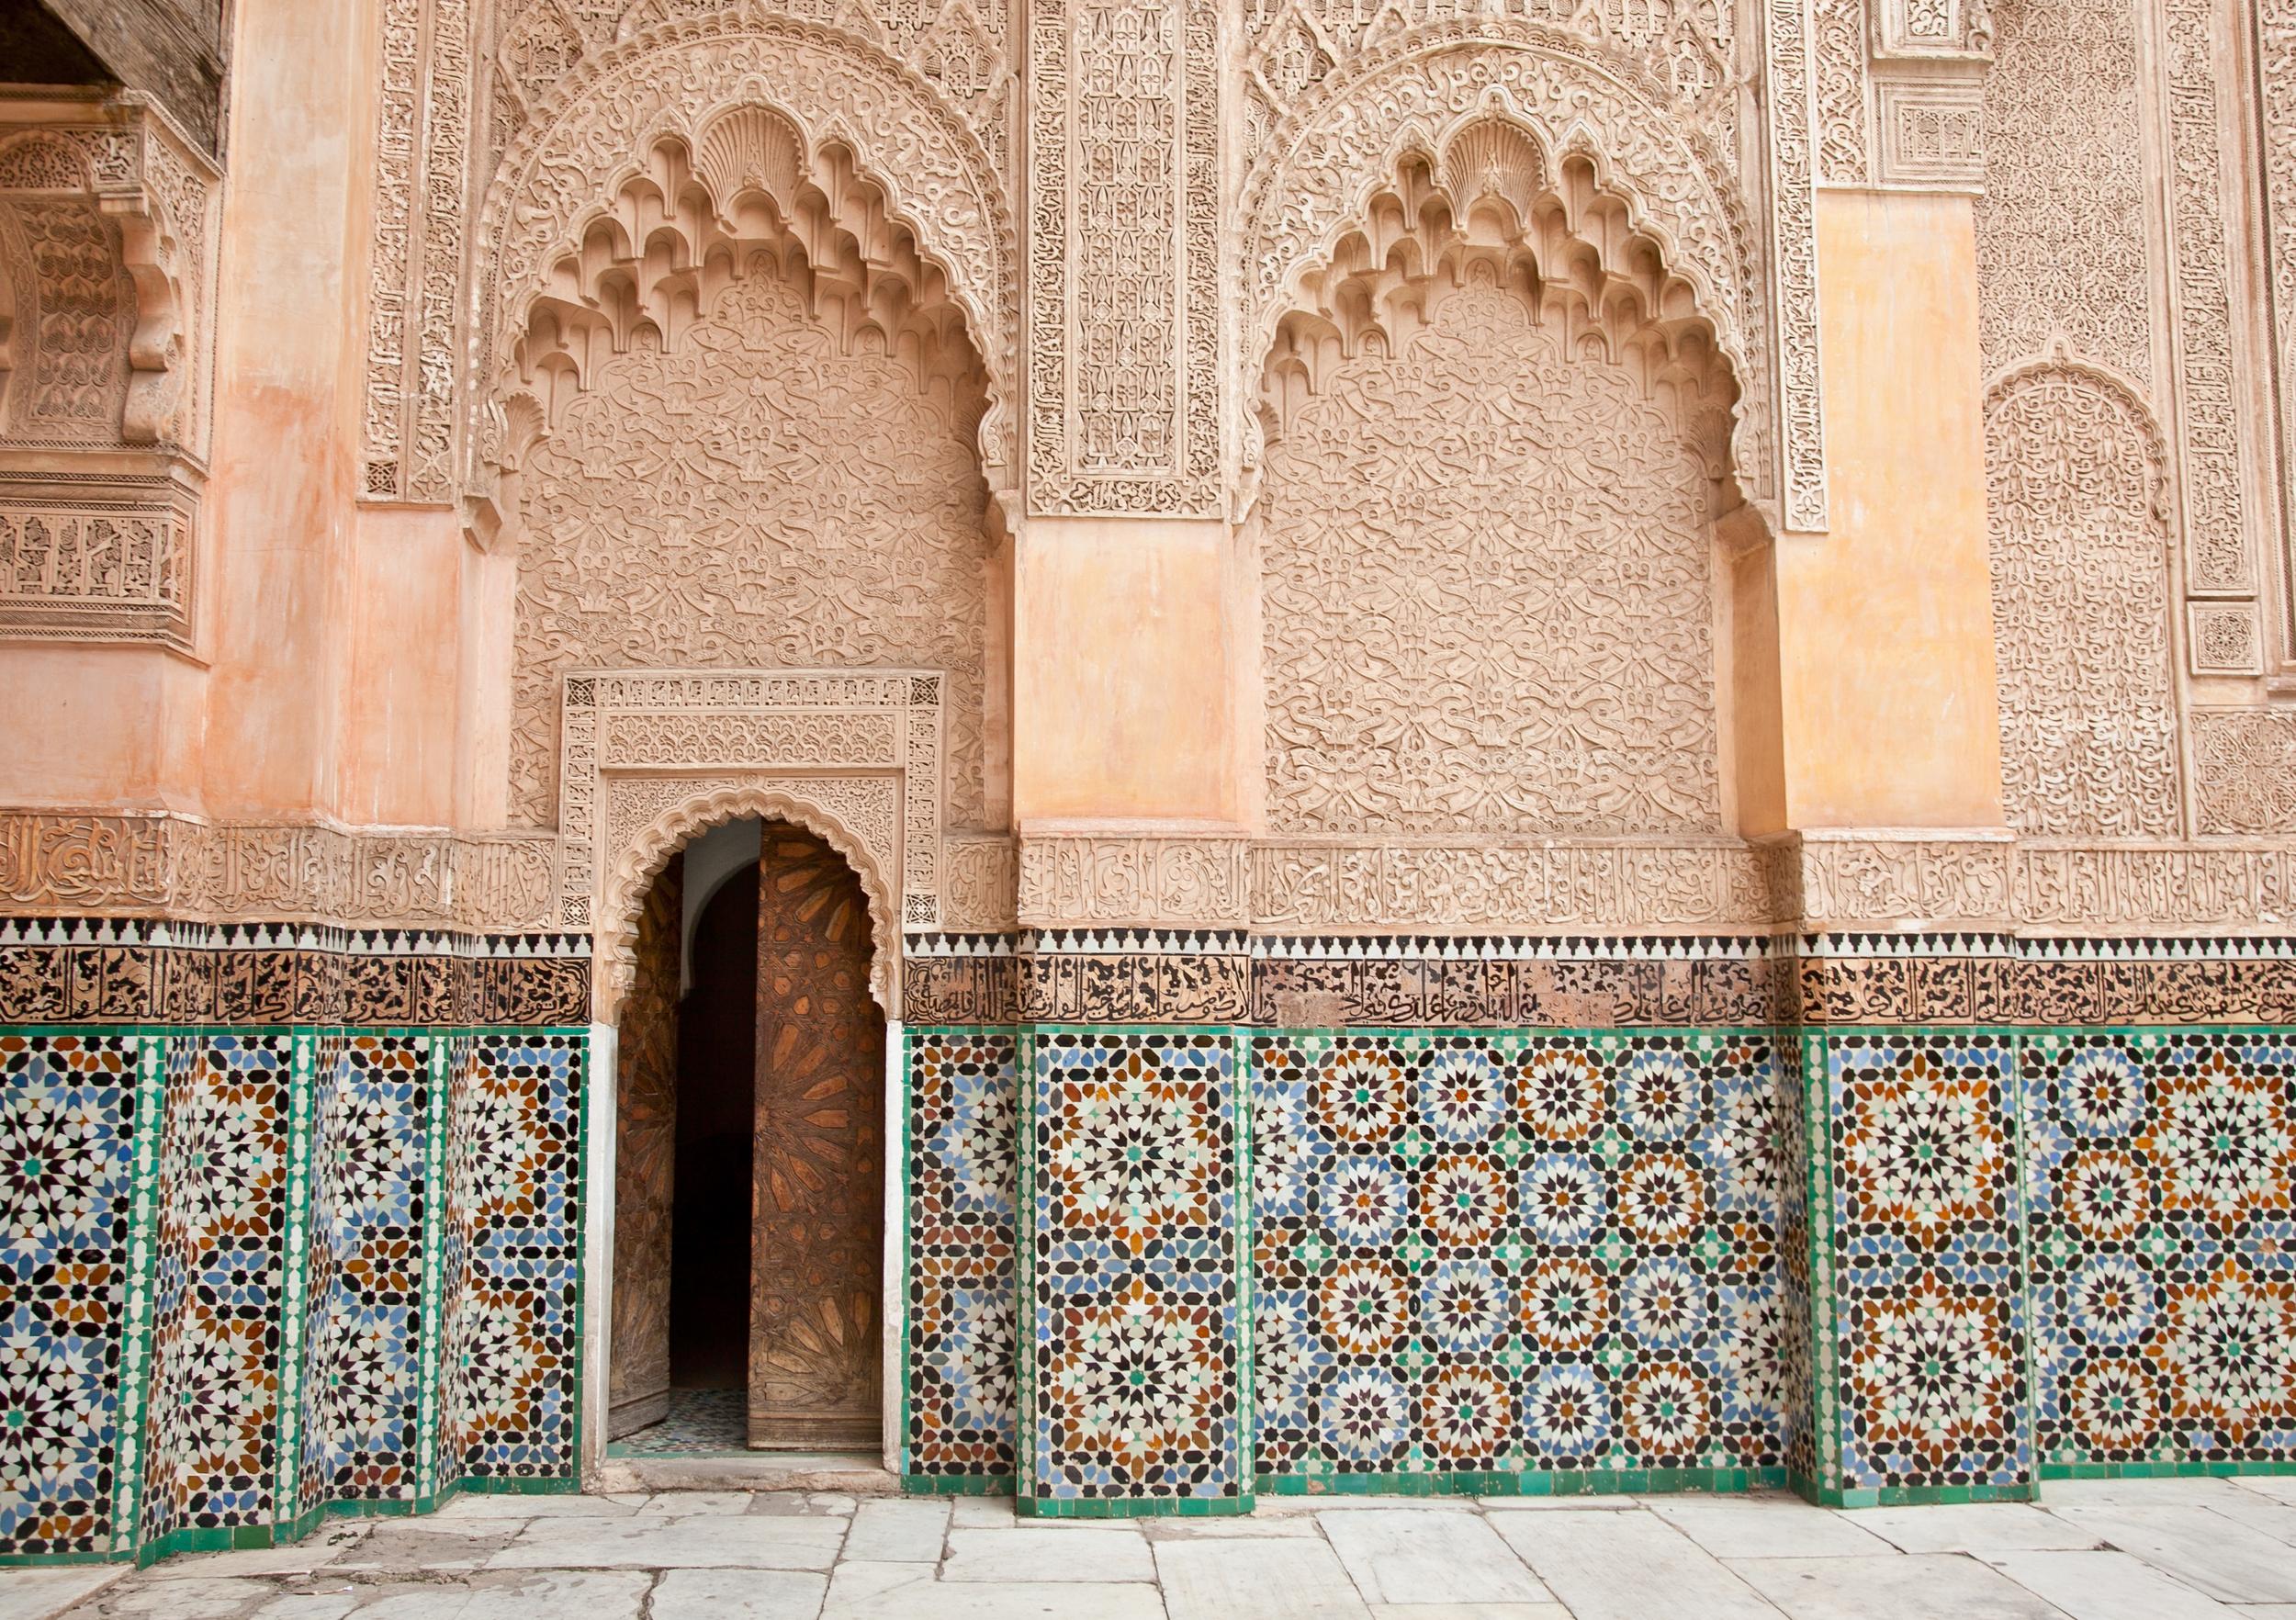 trisa-taro-marrakech-morocco-IMG_2849.jpg